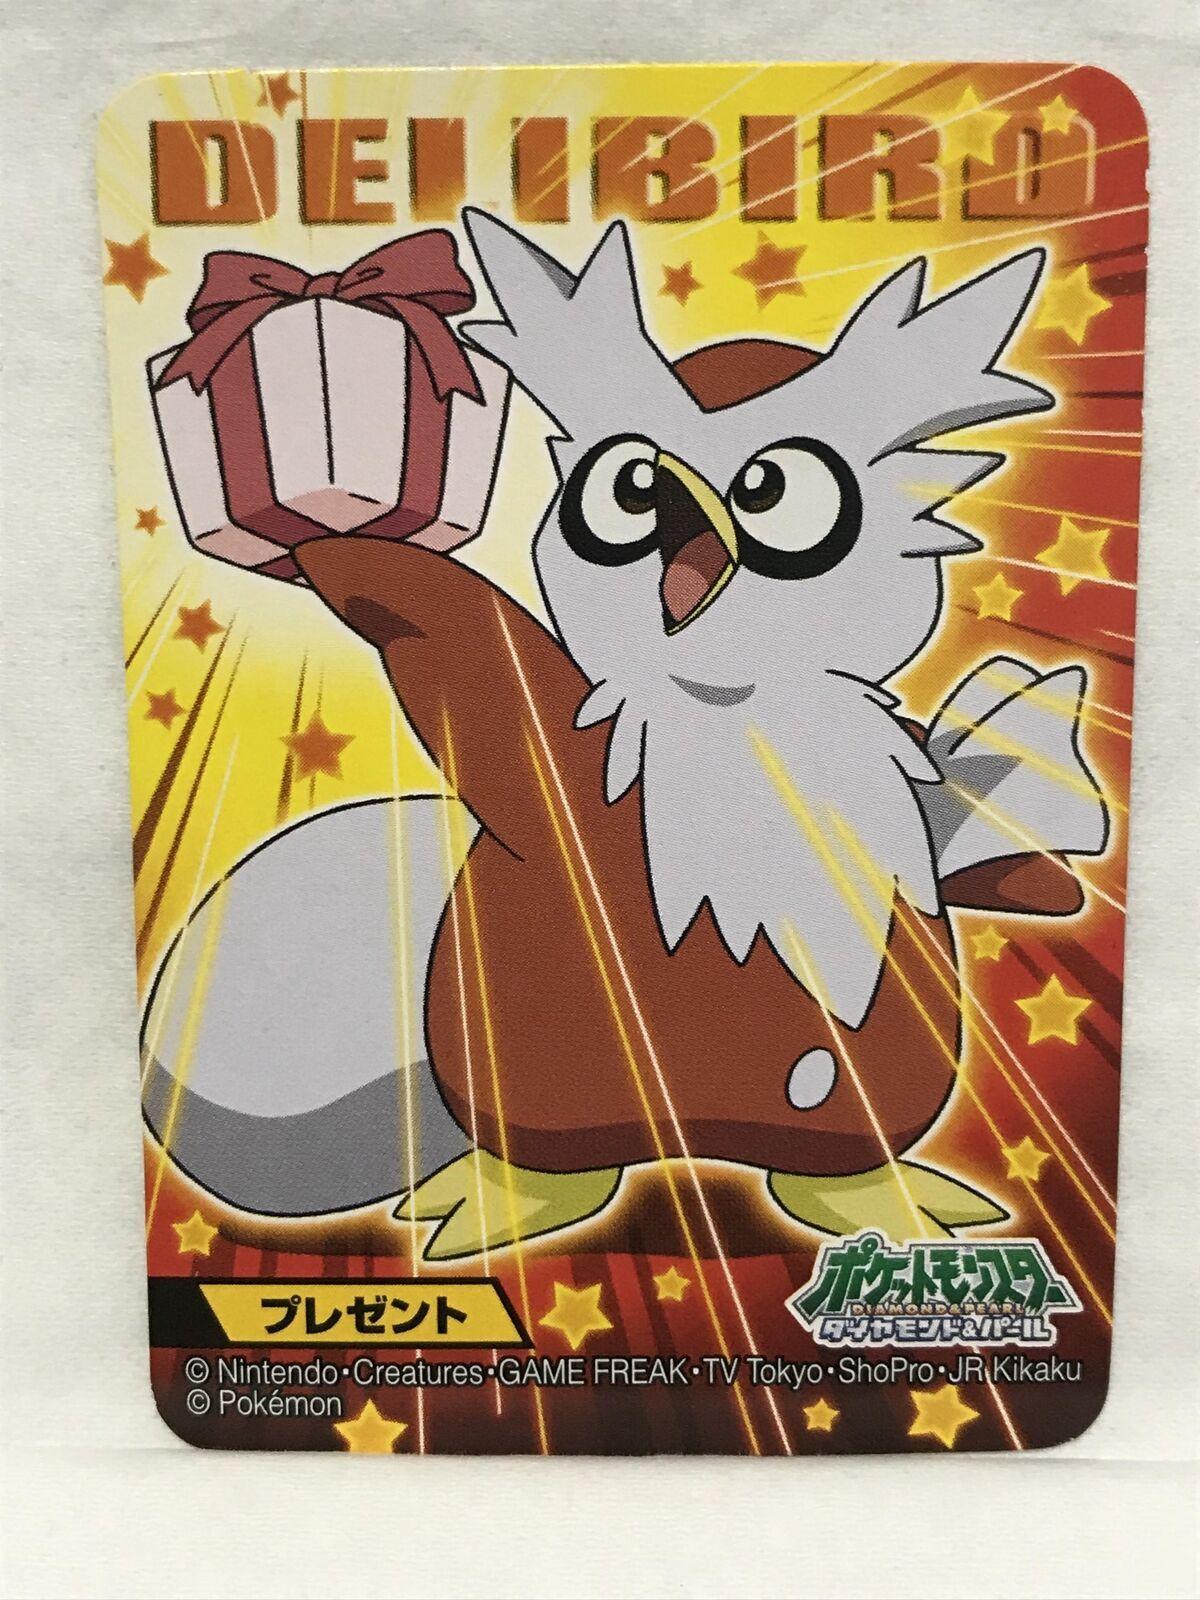 Delibird pokemon bandai card 2010 nintendo pocket monster